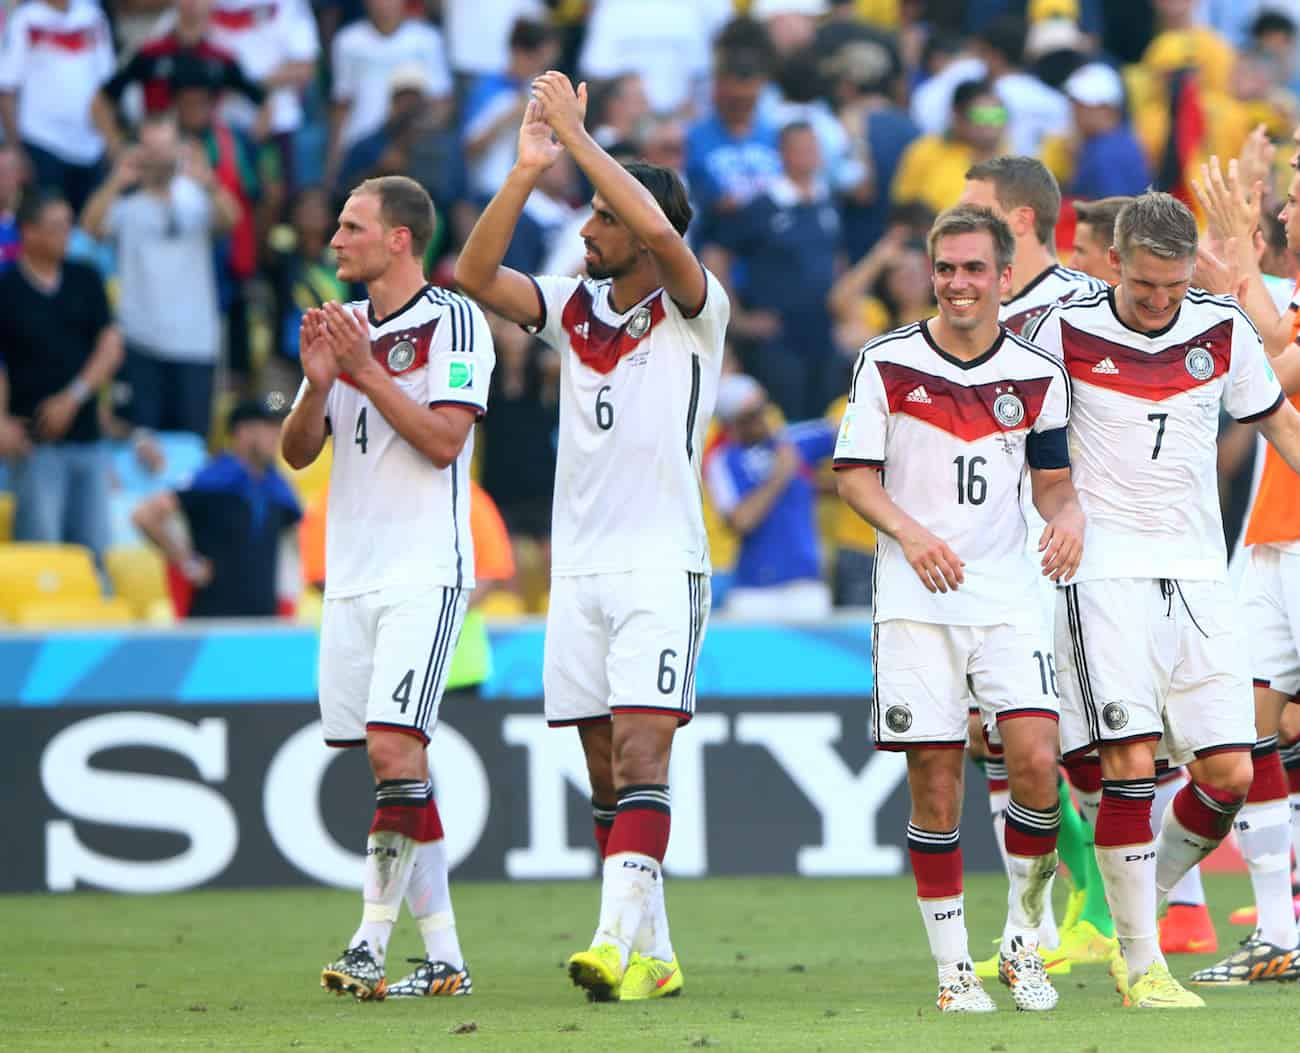 Coupe du monde 2014 r sultat allemagne argentine 1 0 ap l 39 allemagne sur le toit du monde - Equipe argentine coupe du monde 2014 ...